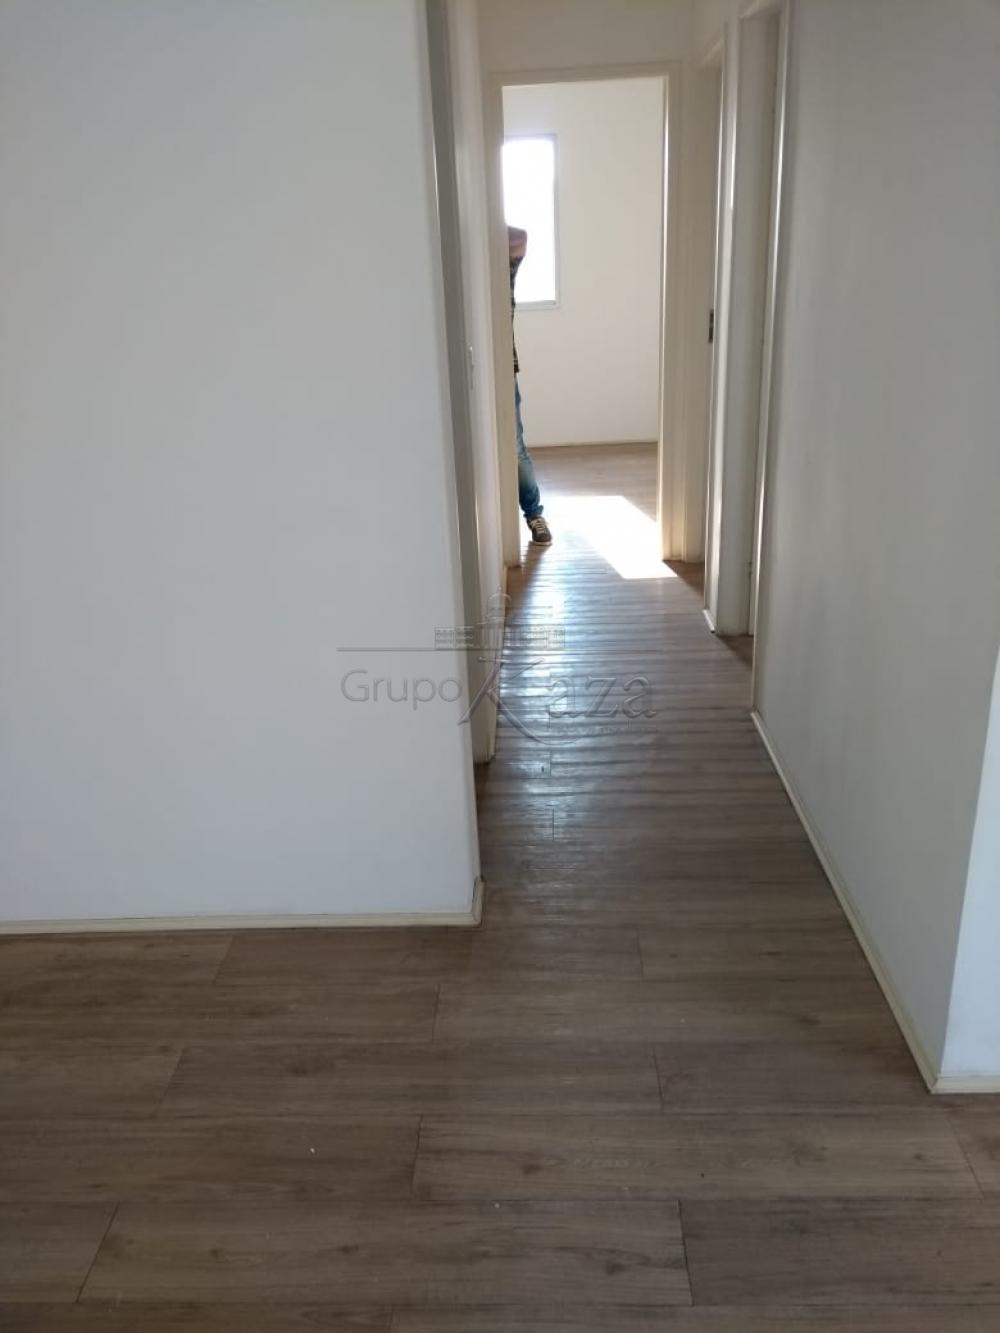 Comprar Apartamento / Padrão em São José dos Campos apenas R$ 295.000,00 - Foto 21